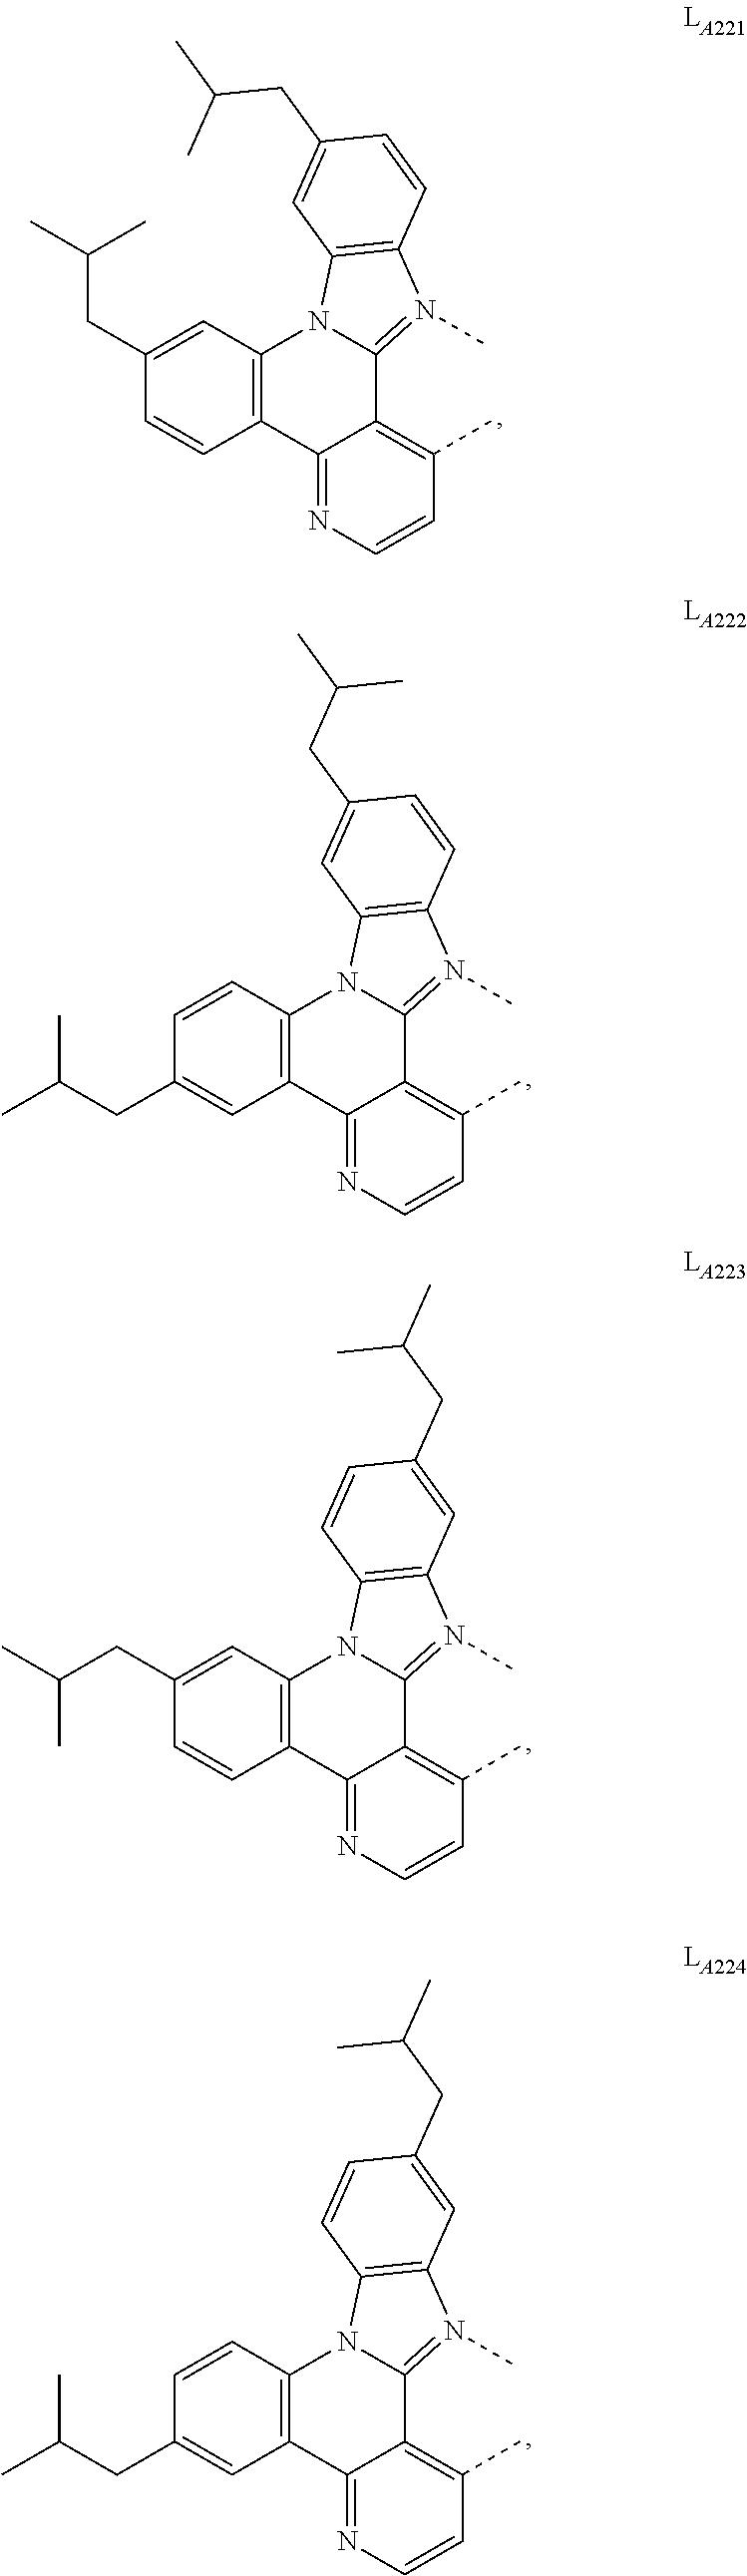 Figure US09905785-20180227-C00076